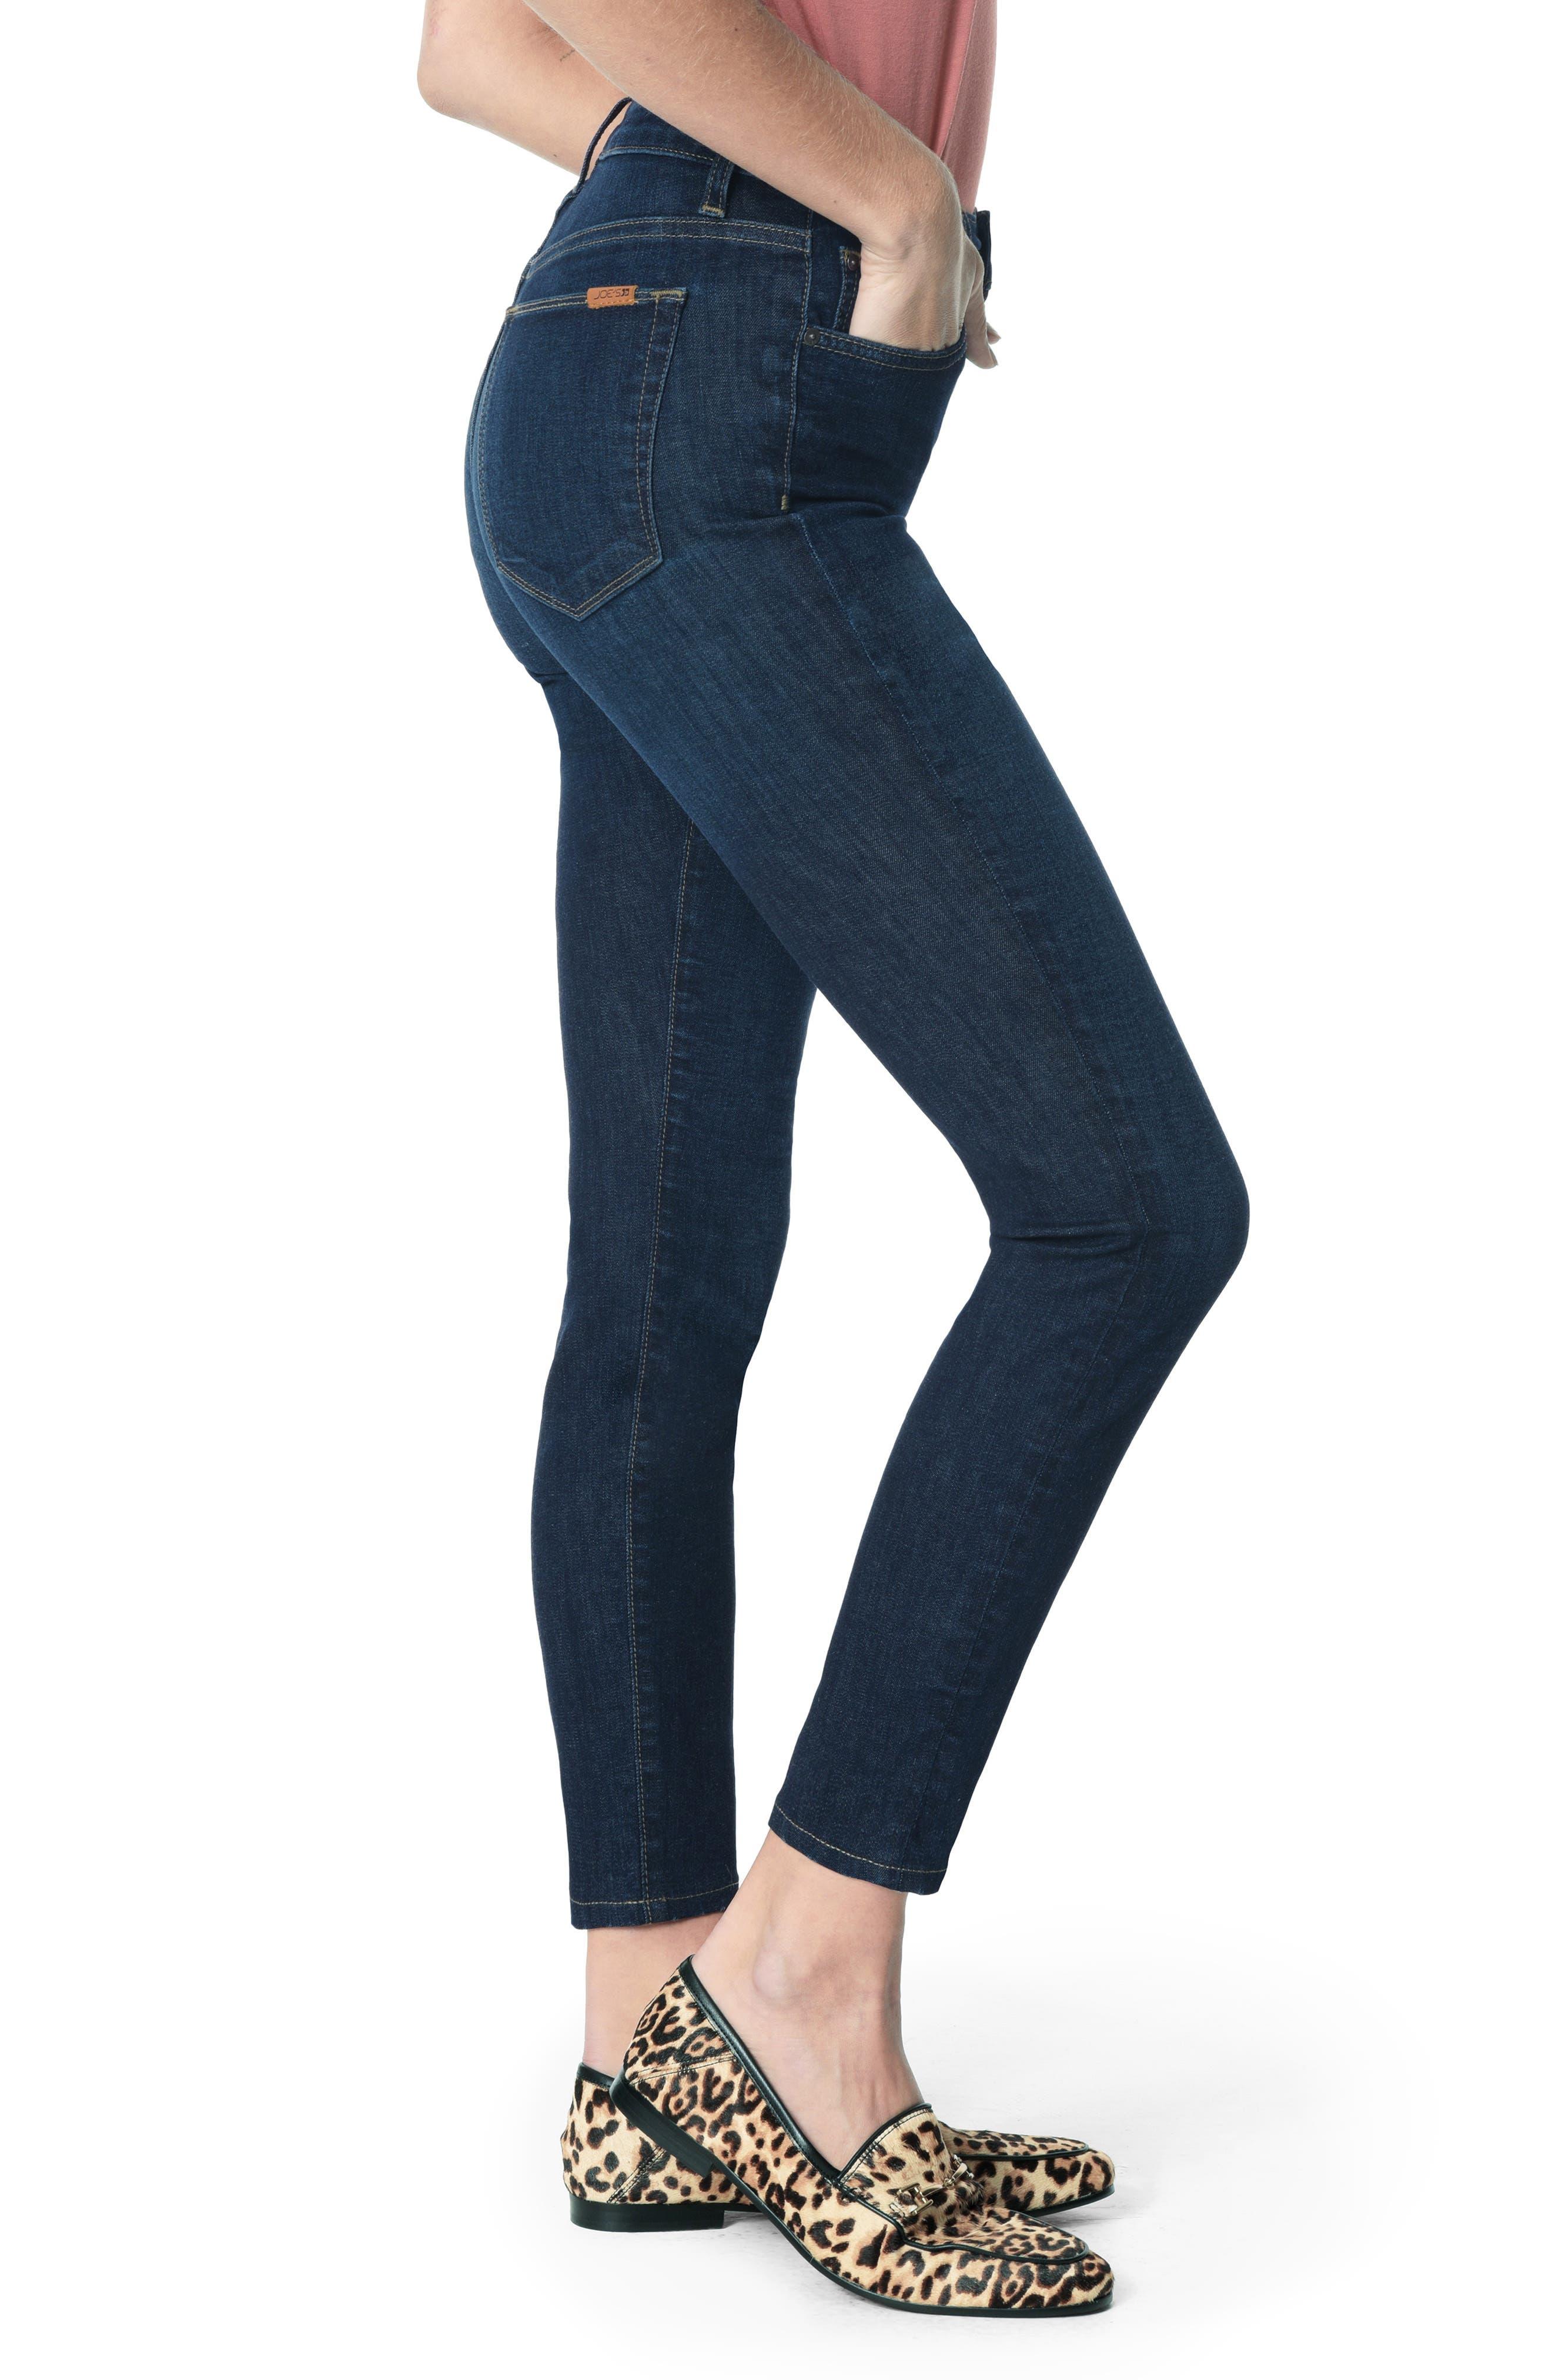 JOE'S, Honey High Waist Ankle Skinny Jeans, Alternate thumbnail 4, color, BRITT